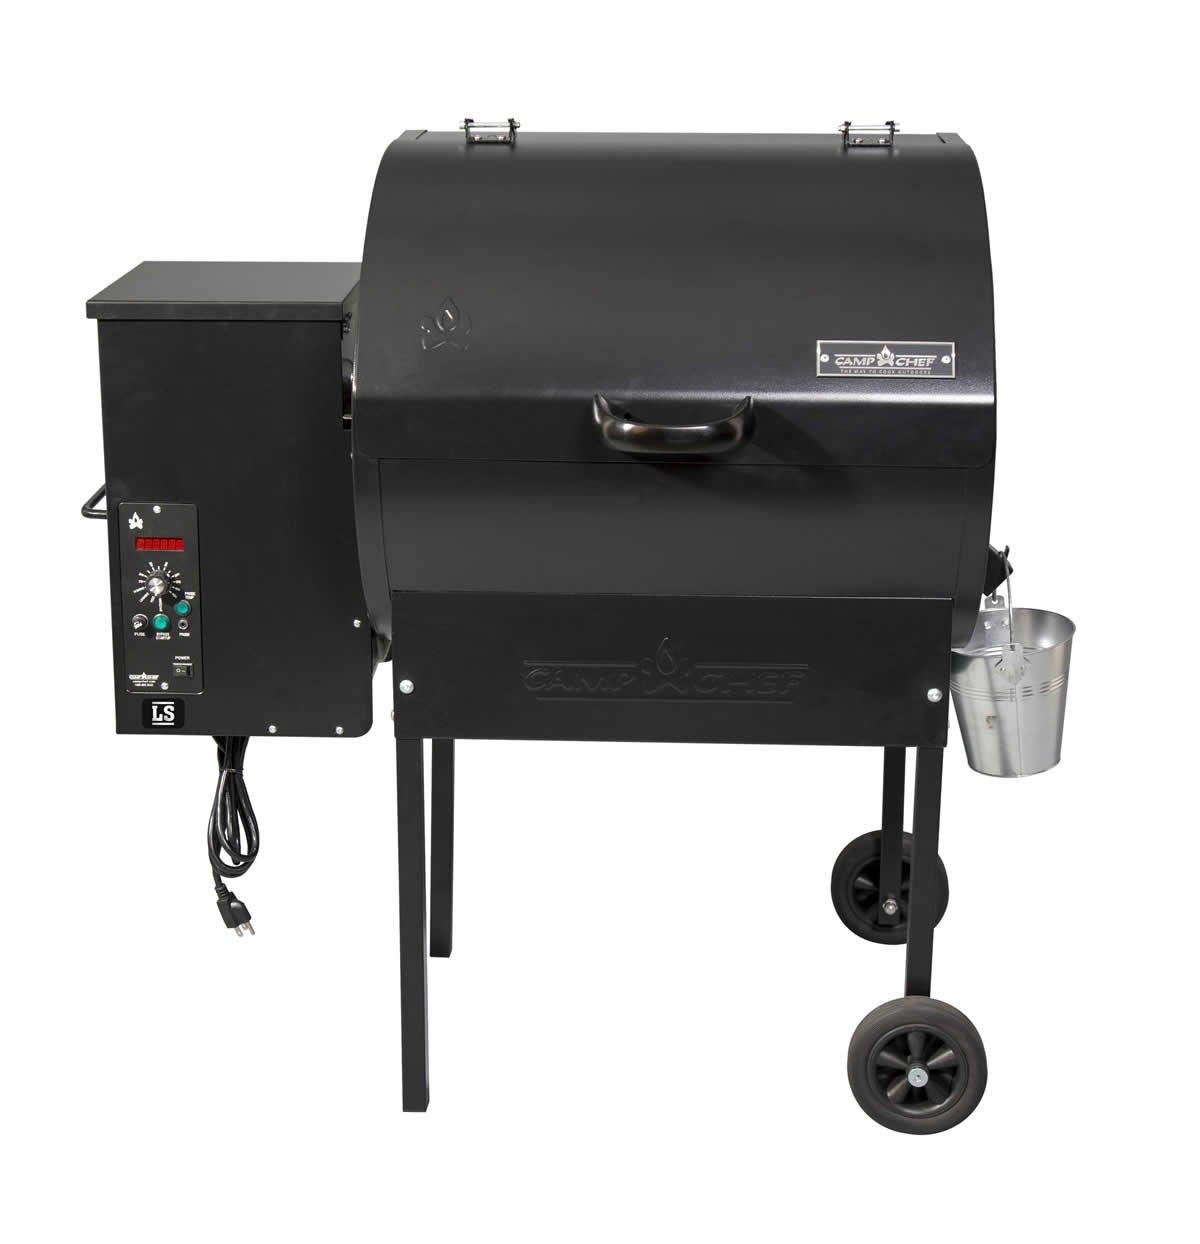 Camp Shef Best Pellet Smoker Grill